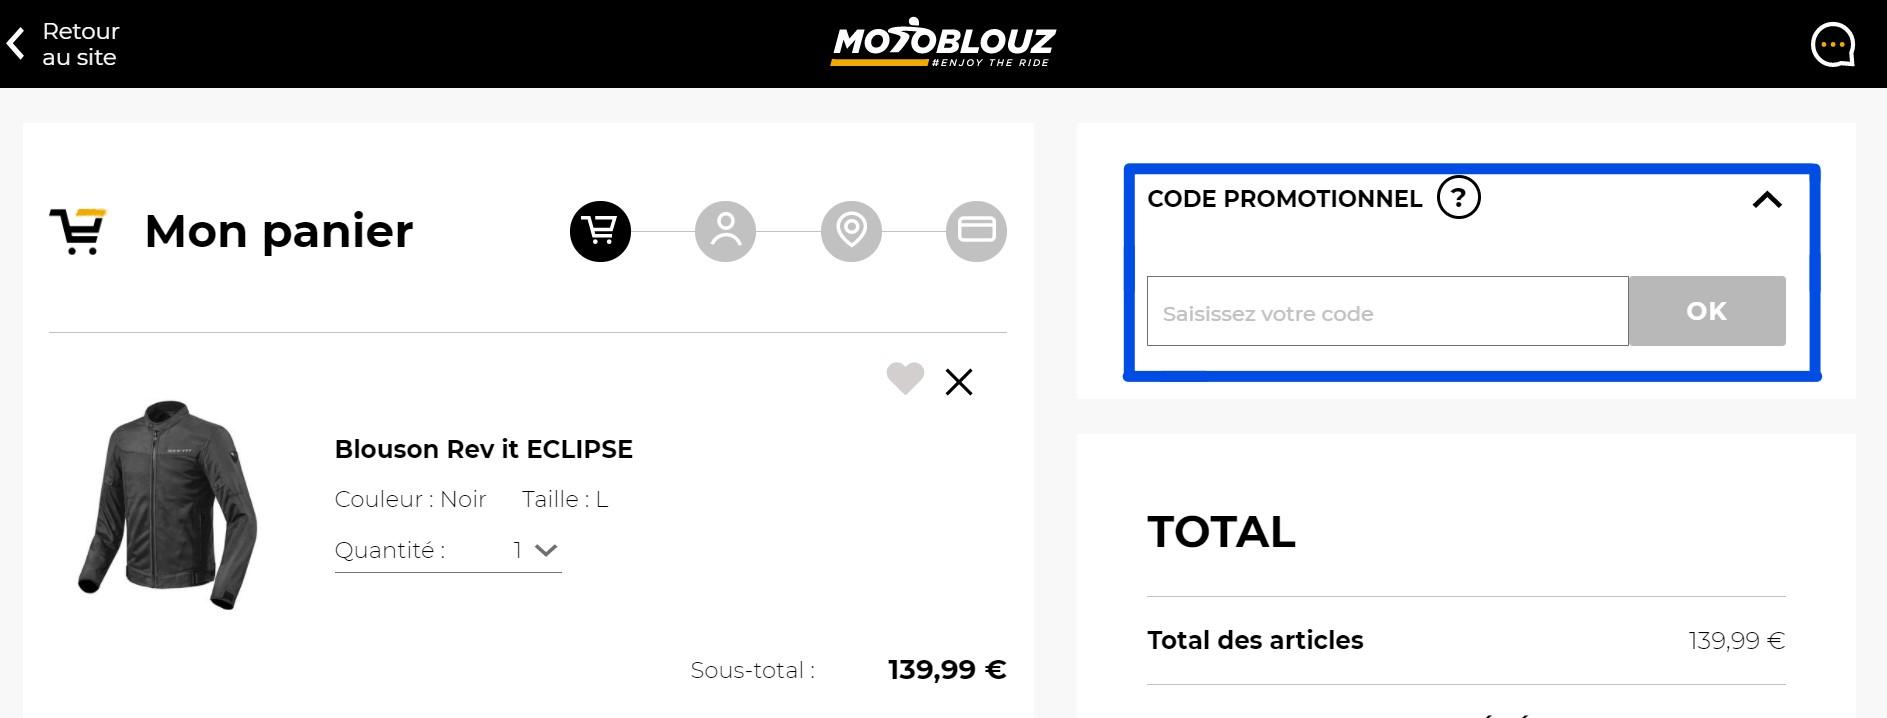 motoblouz-voucher_redemption-how-to